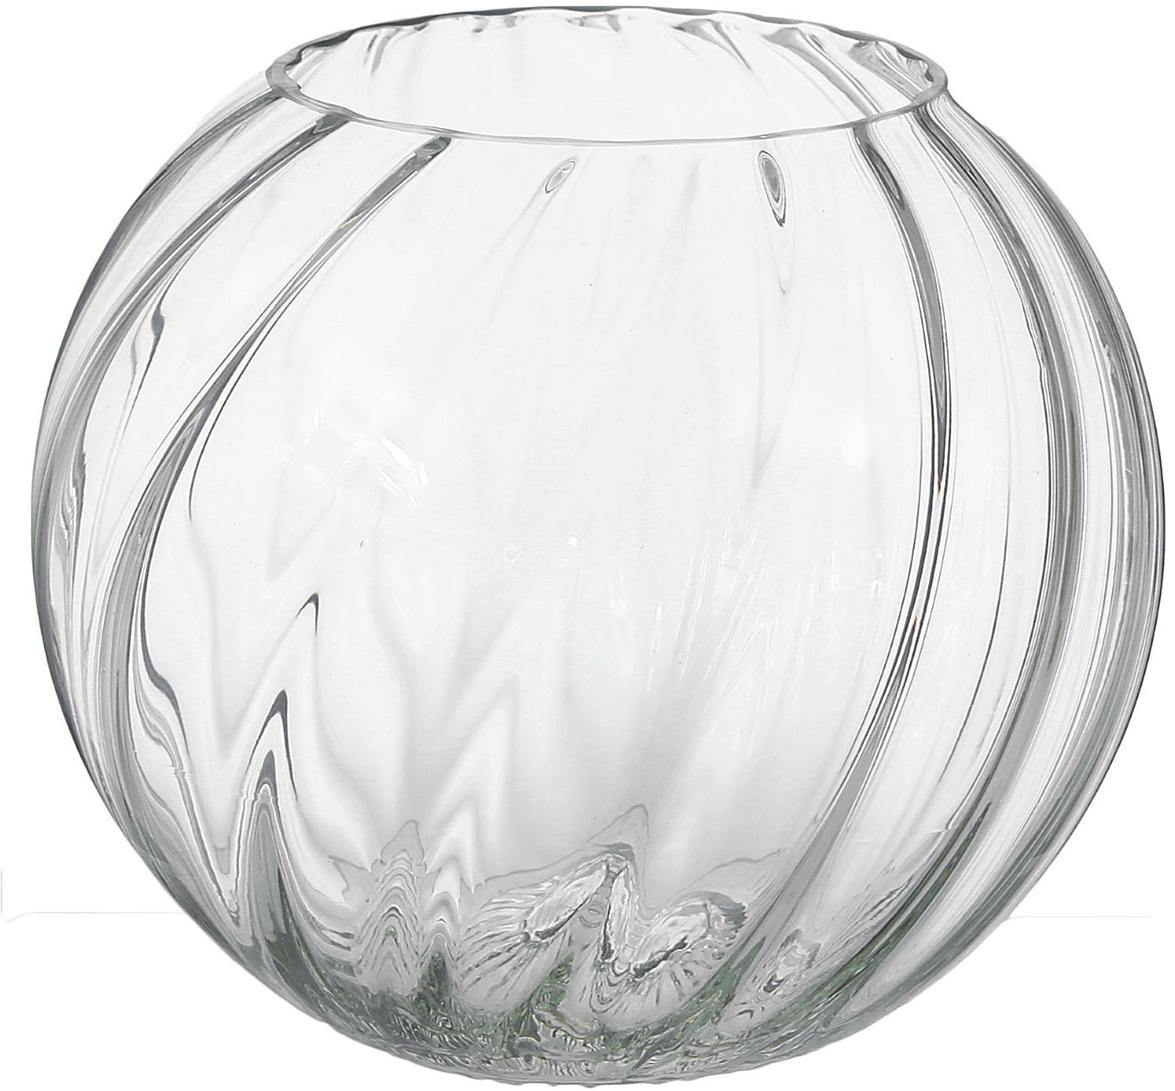 """Ваза """"Шар"""" станет необычным украшением вашей комнаты.  Эта ваза станет прекрасным подарком на любое торжество.  Ваза выполнена из высококачественного стекла.  Ваза - привлекательная деталь, которая поможет воплотить вашу интерьерную идею, создать неповторимую атмосферу в вашем  доме."""